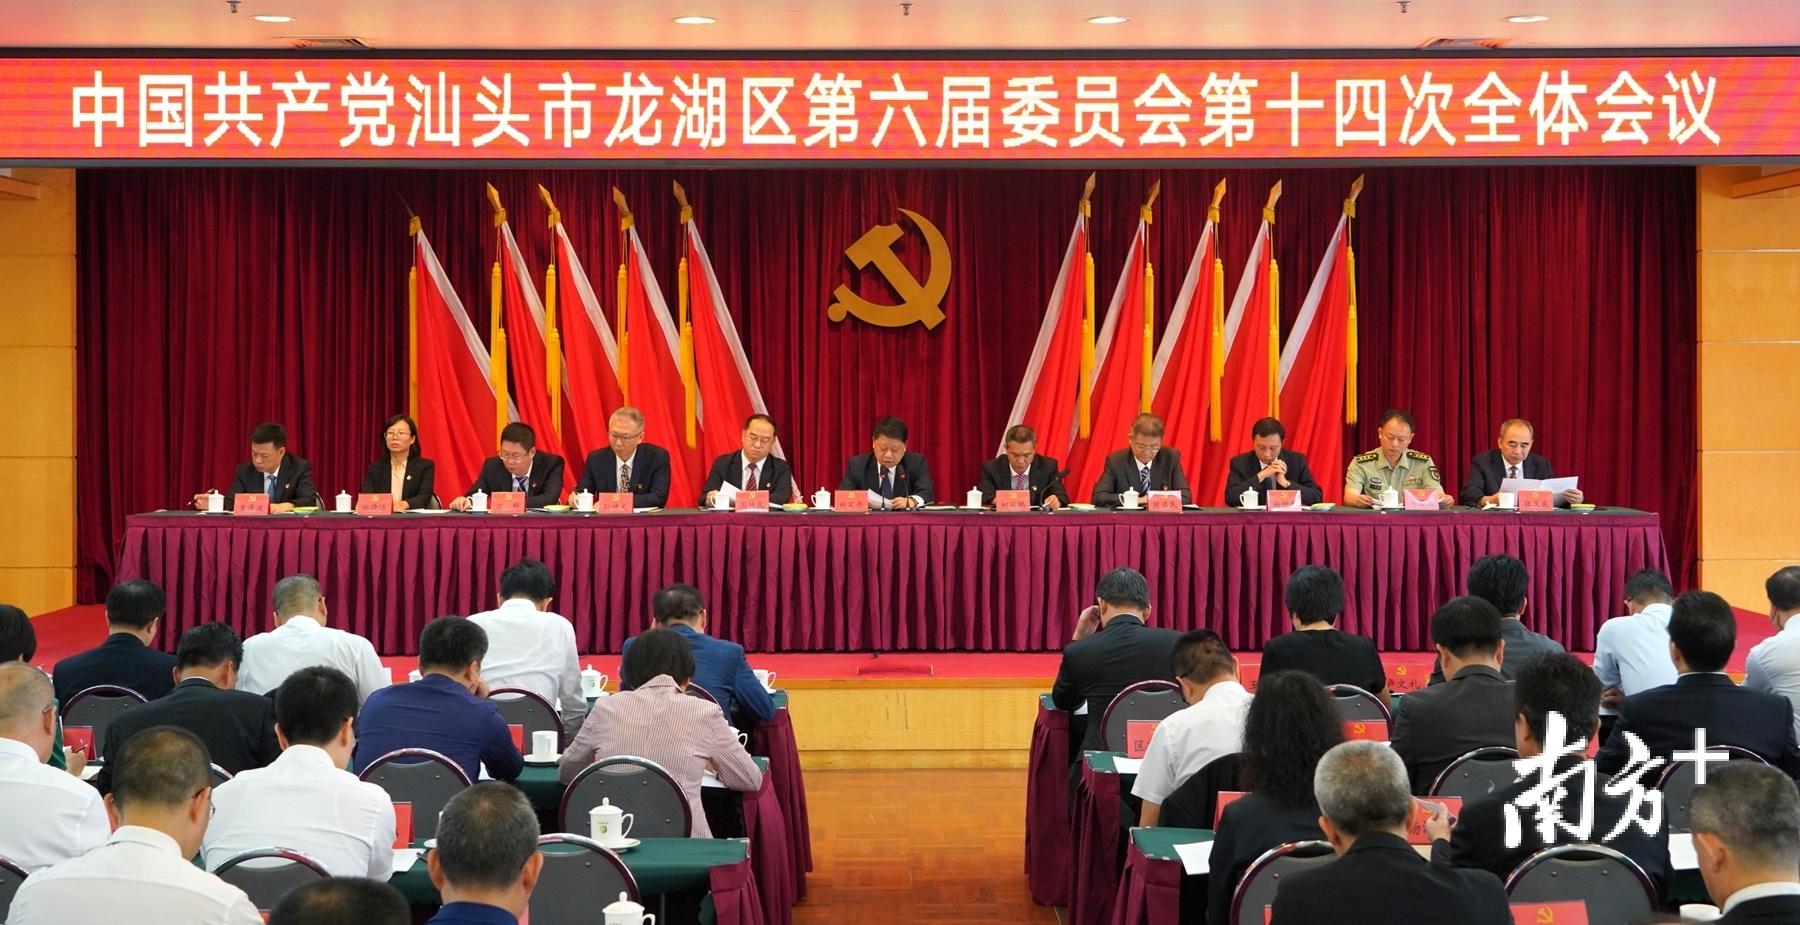 8月30日,龙湖召开区委六届十四次全会。